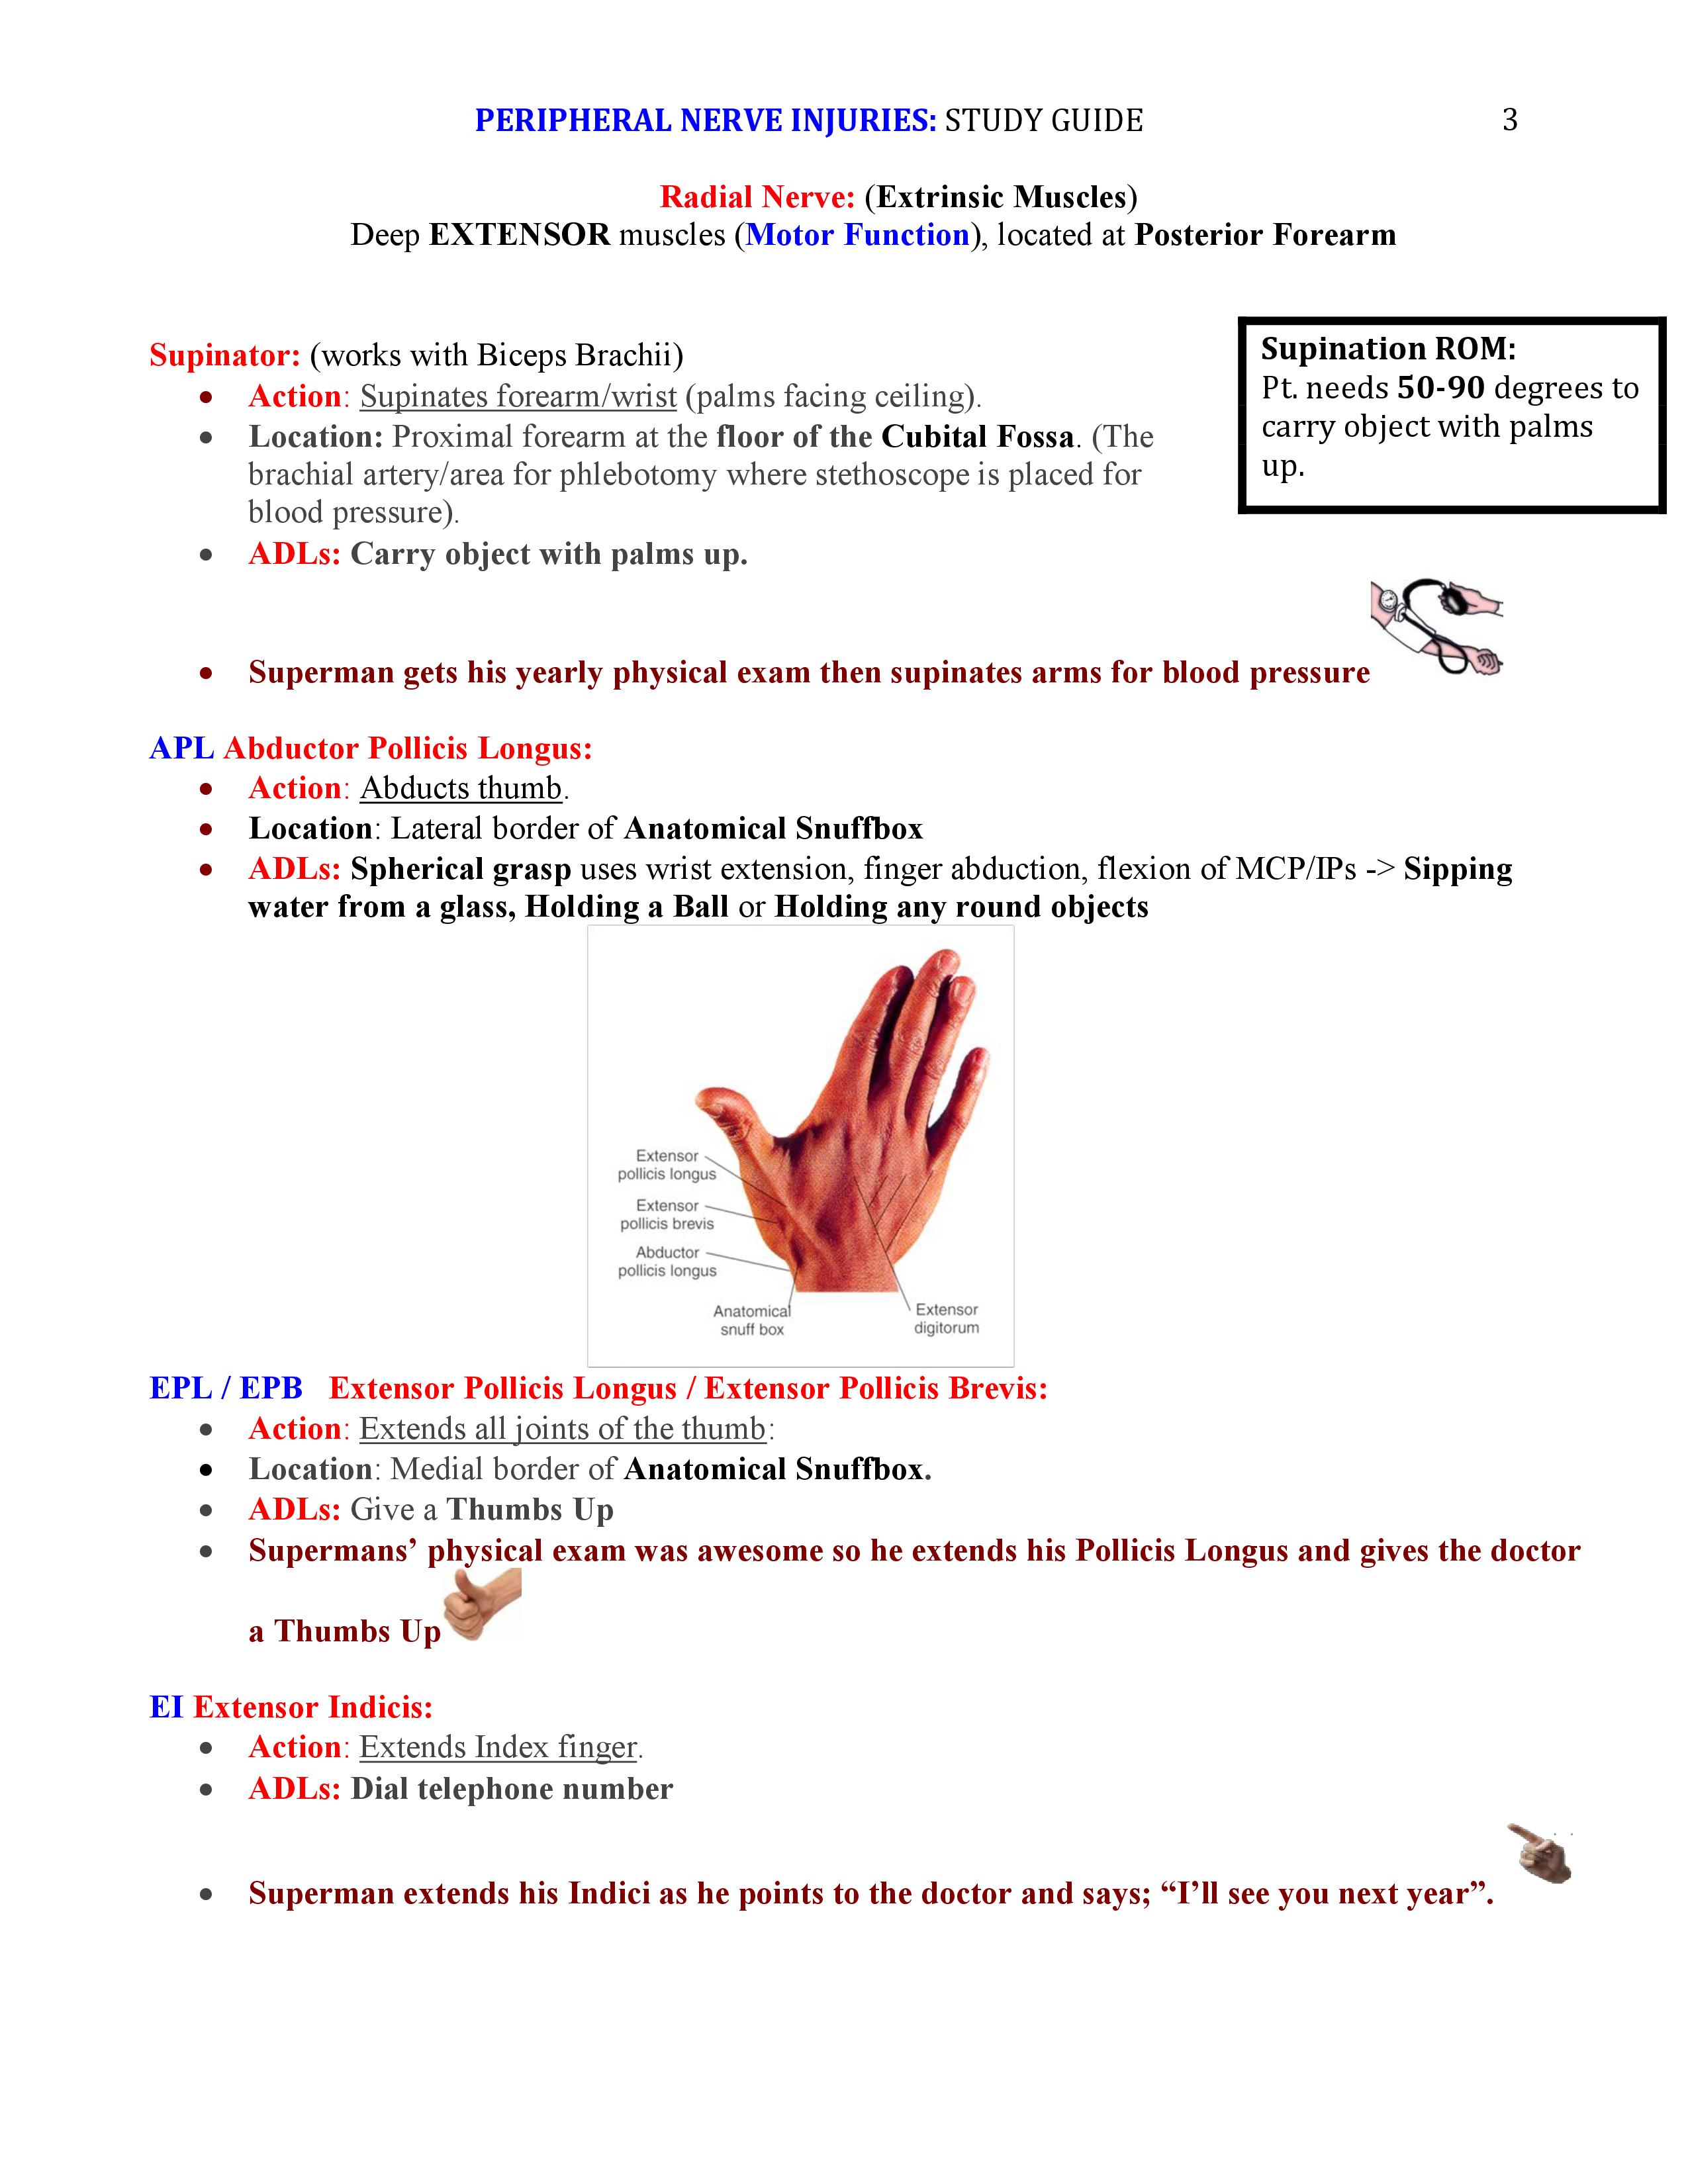 Practice Tests - NBCOT